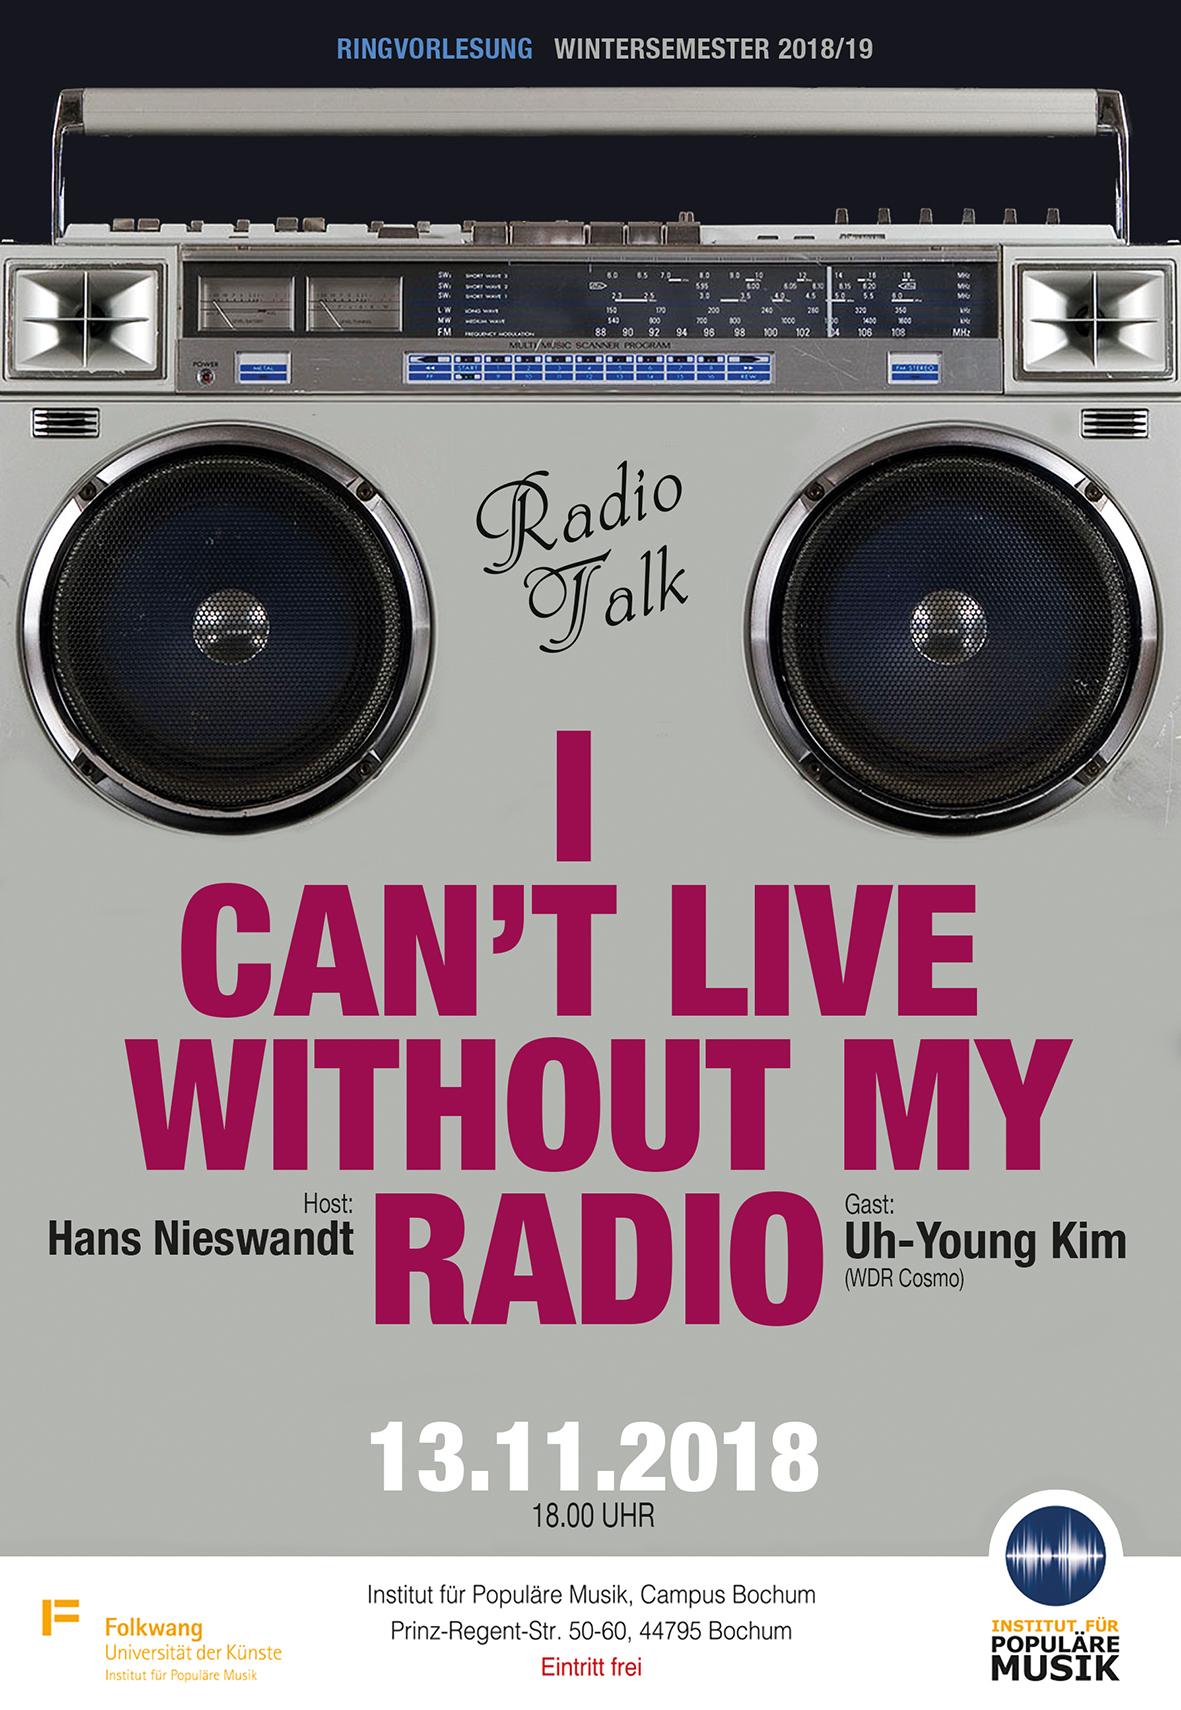 Uh-Young Kim -